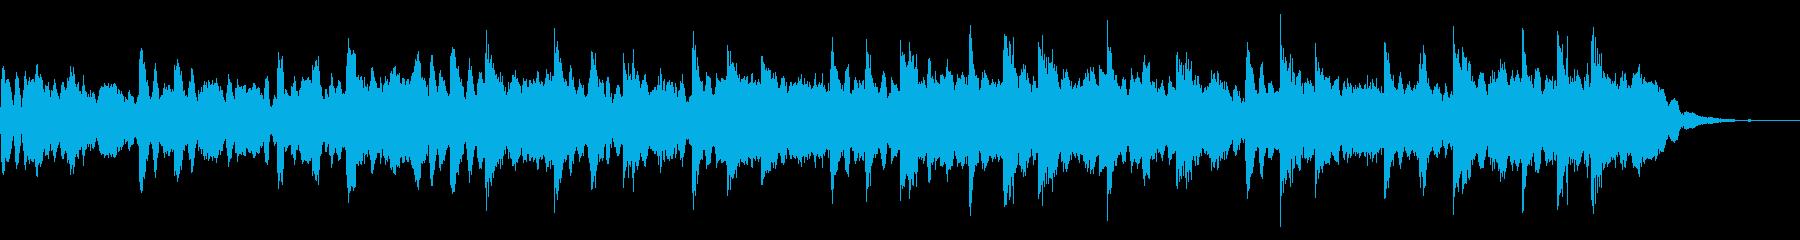 お化け屋敷に最適な恐怖なシンセサイザー曲の再生済みの波形